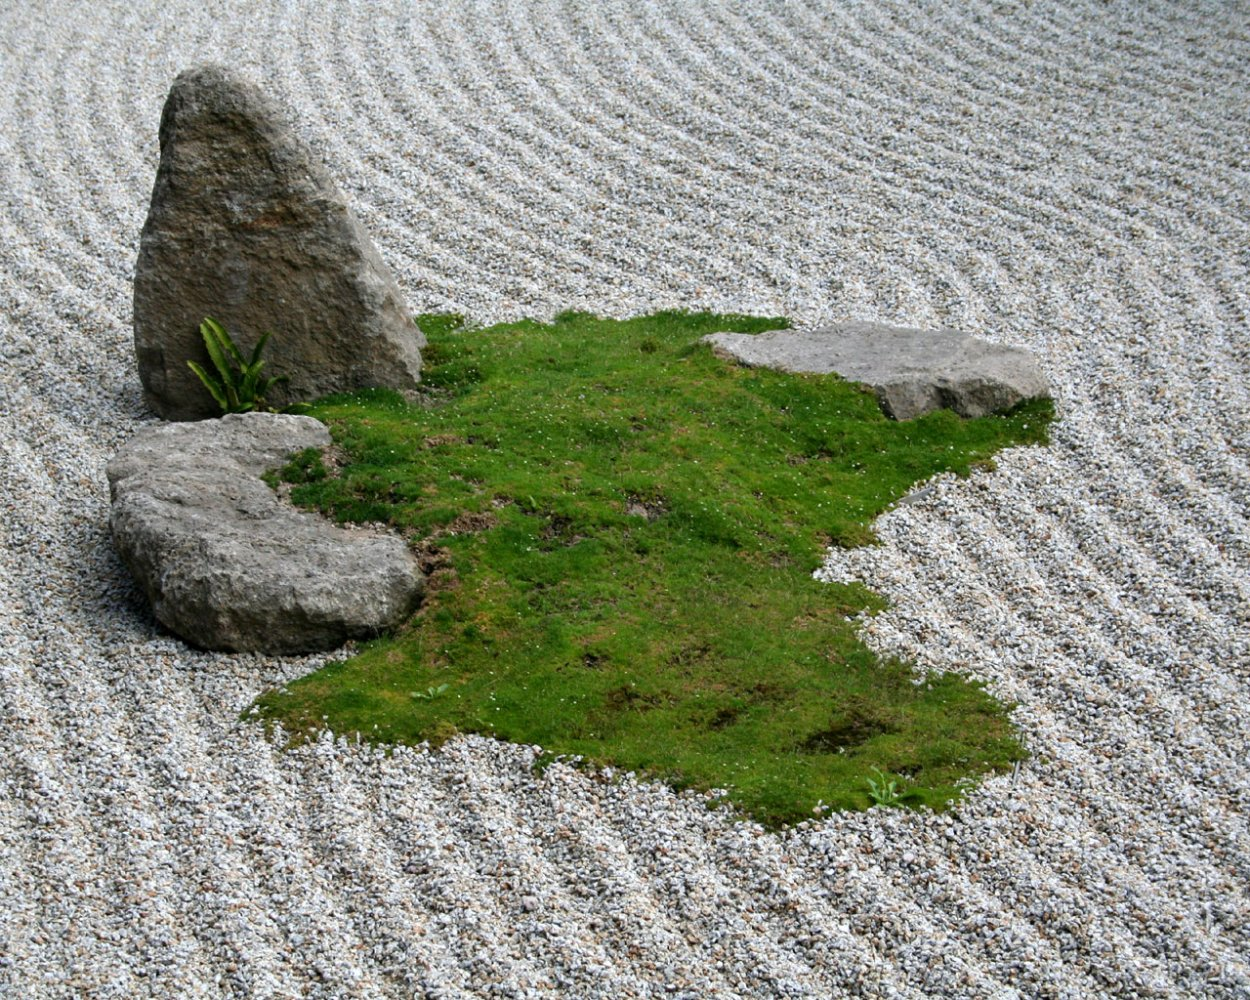 Japangarten japang rten wasser garten kirchner - Japangarten pflanzen ...